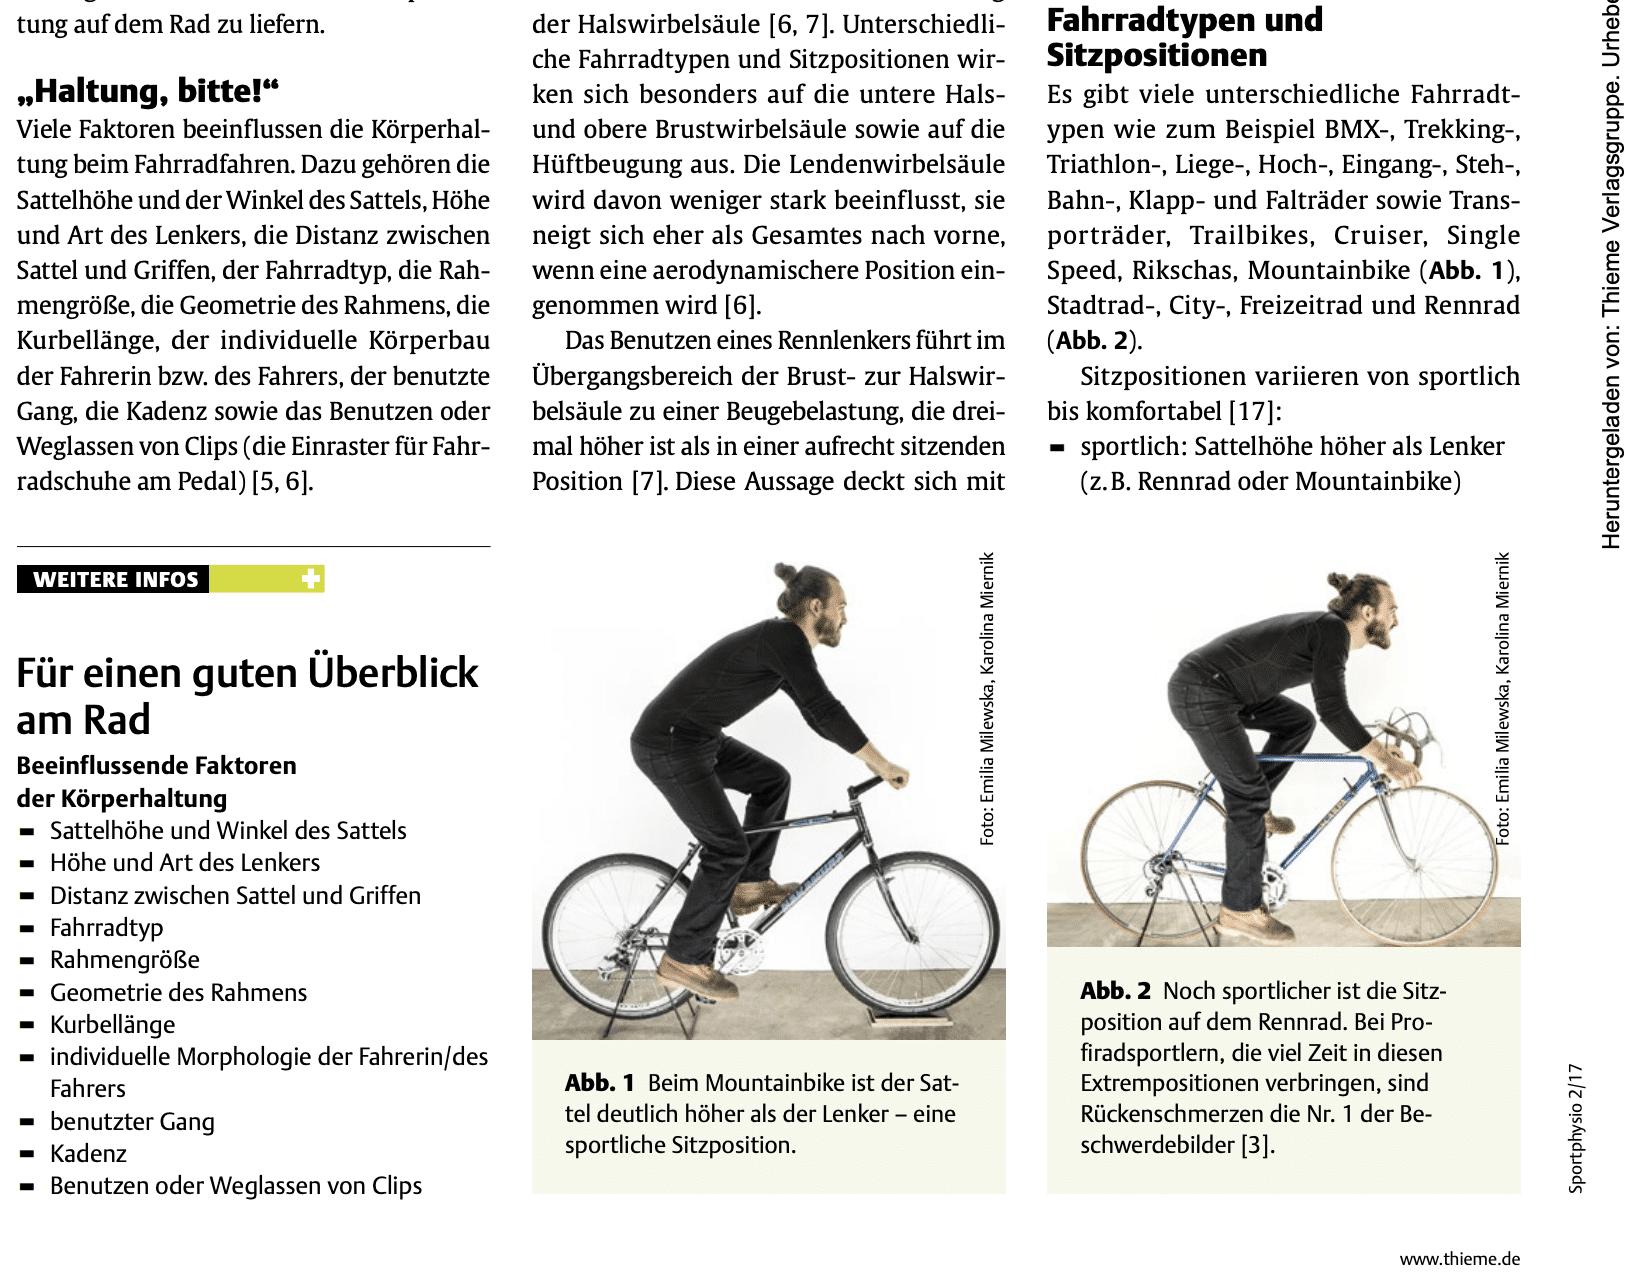 Bildschirmfoto 2018 10 10 um 16.23.42 1 e1539718251793 - Thema Rückenschmerzen & Radfahren